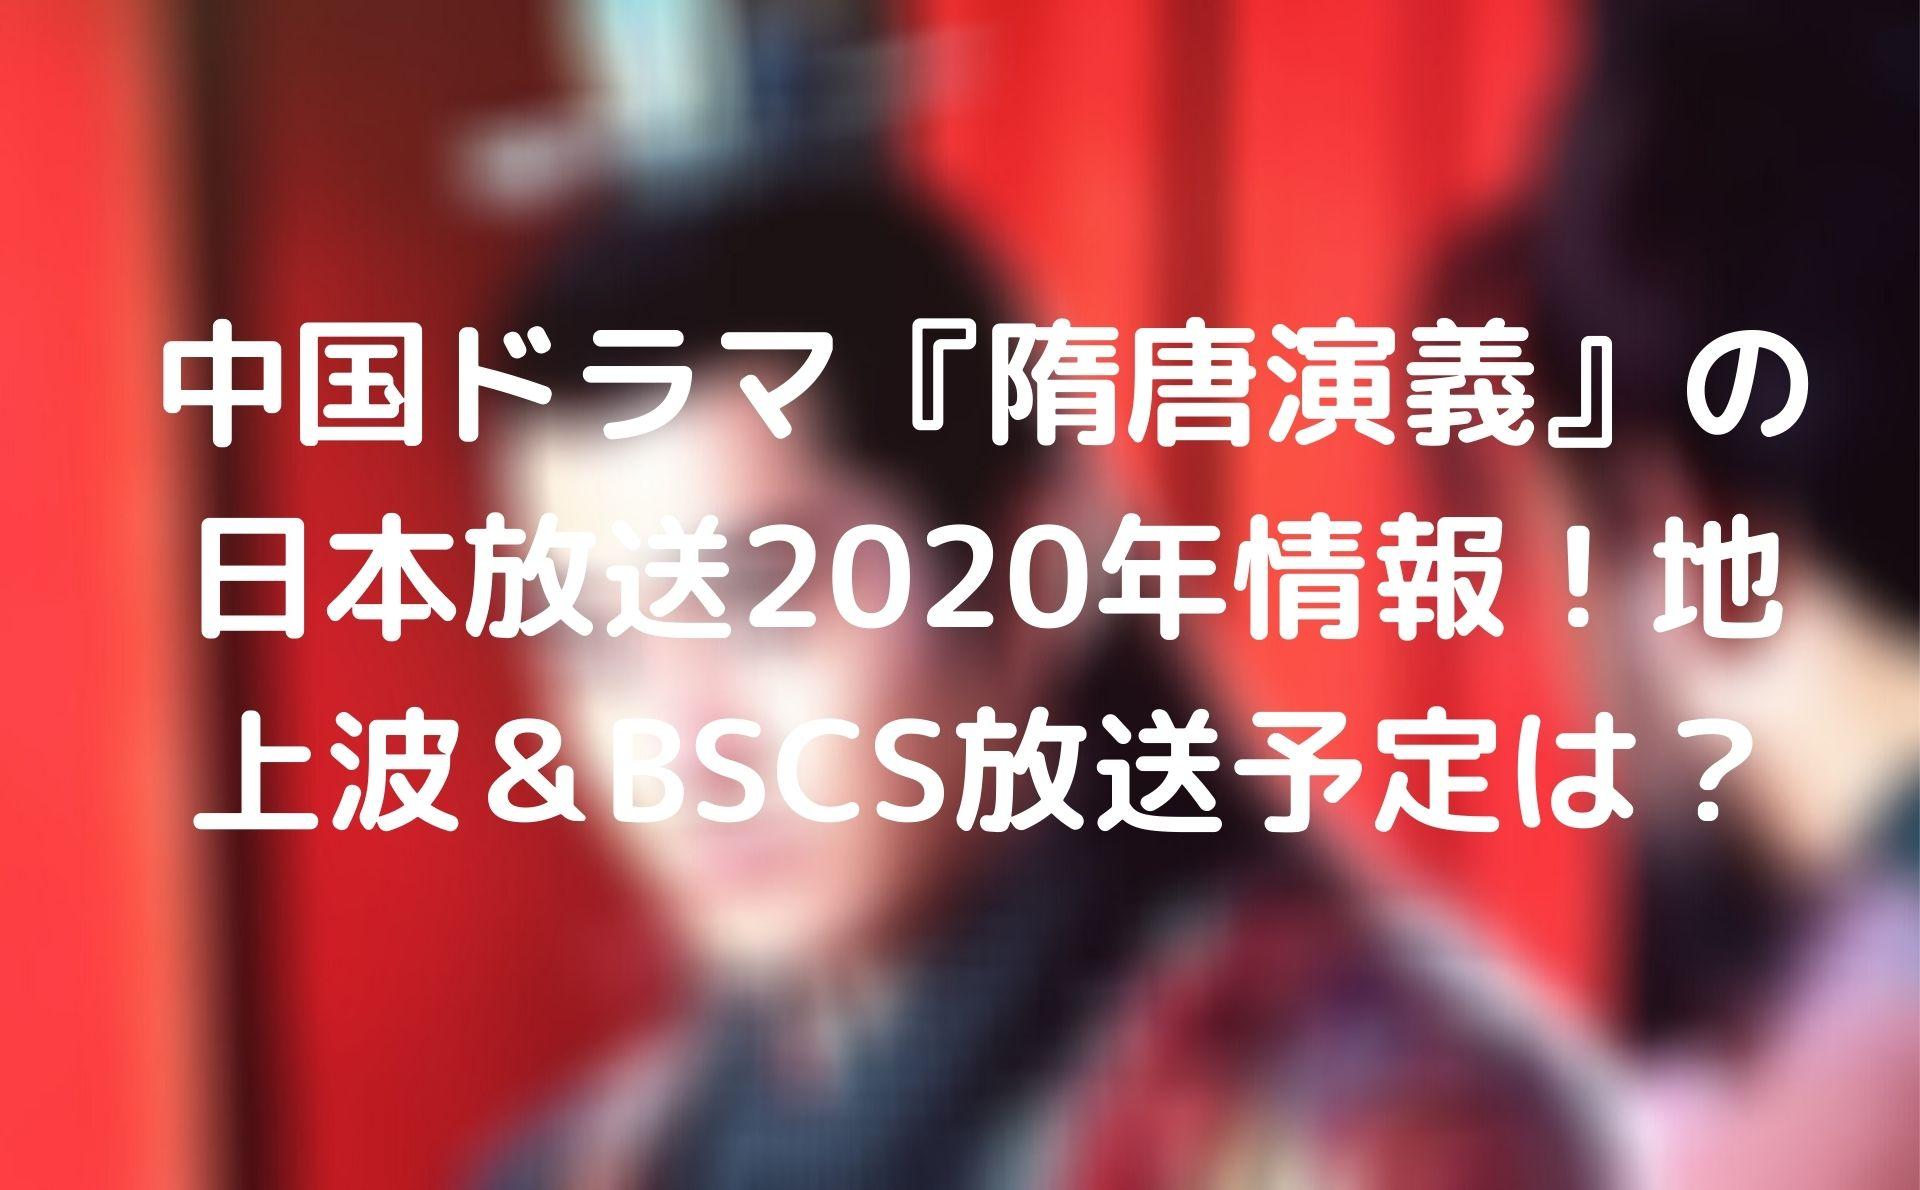 放送 予定 中国 ドラマ Bs